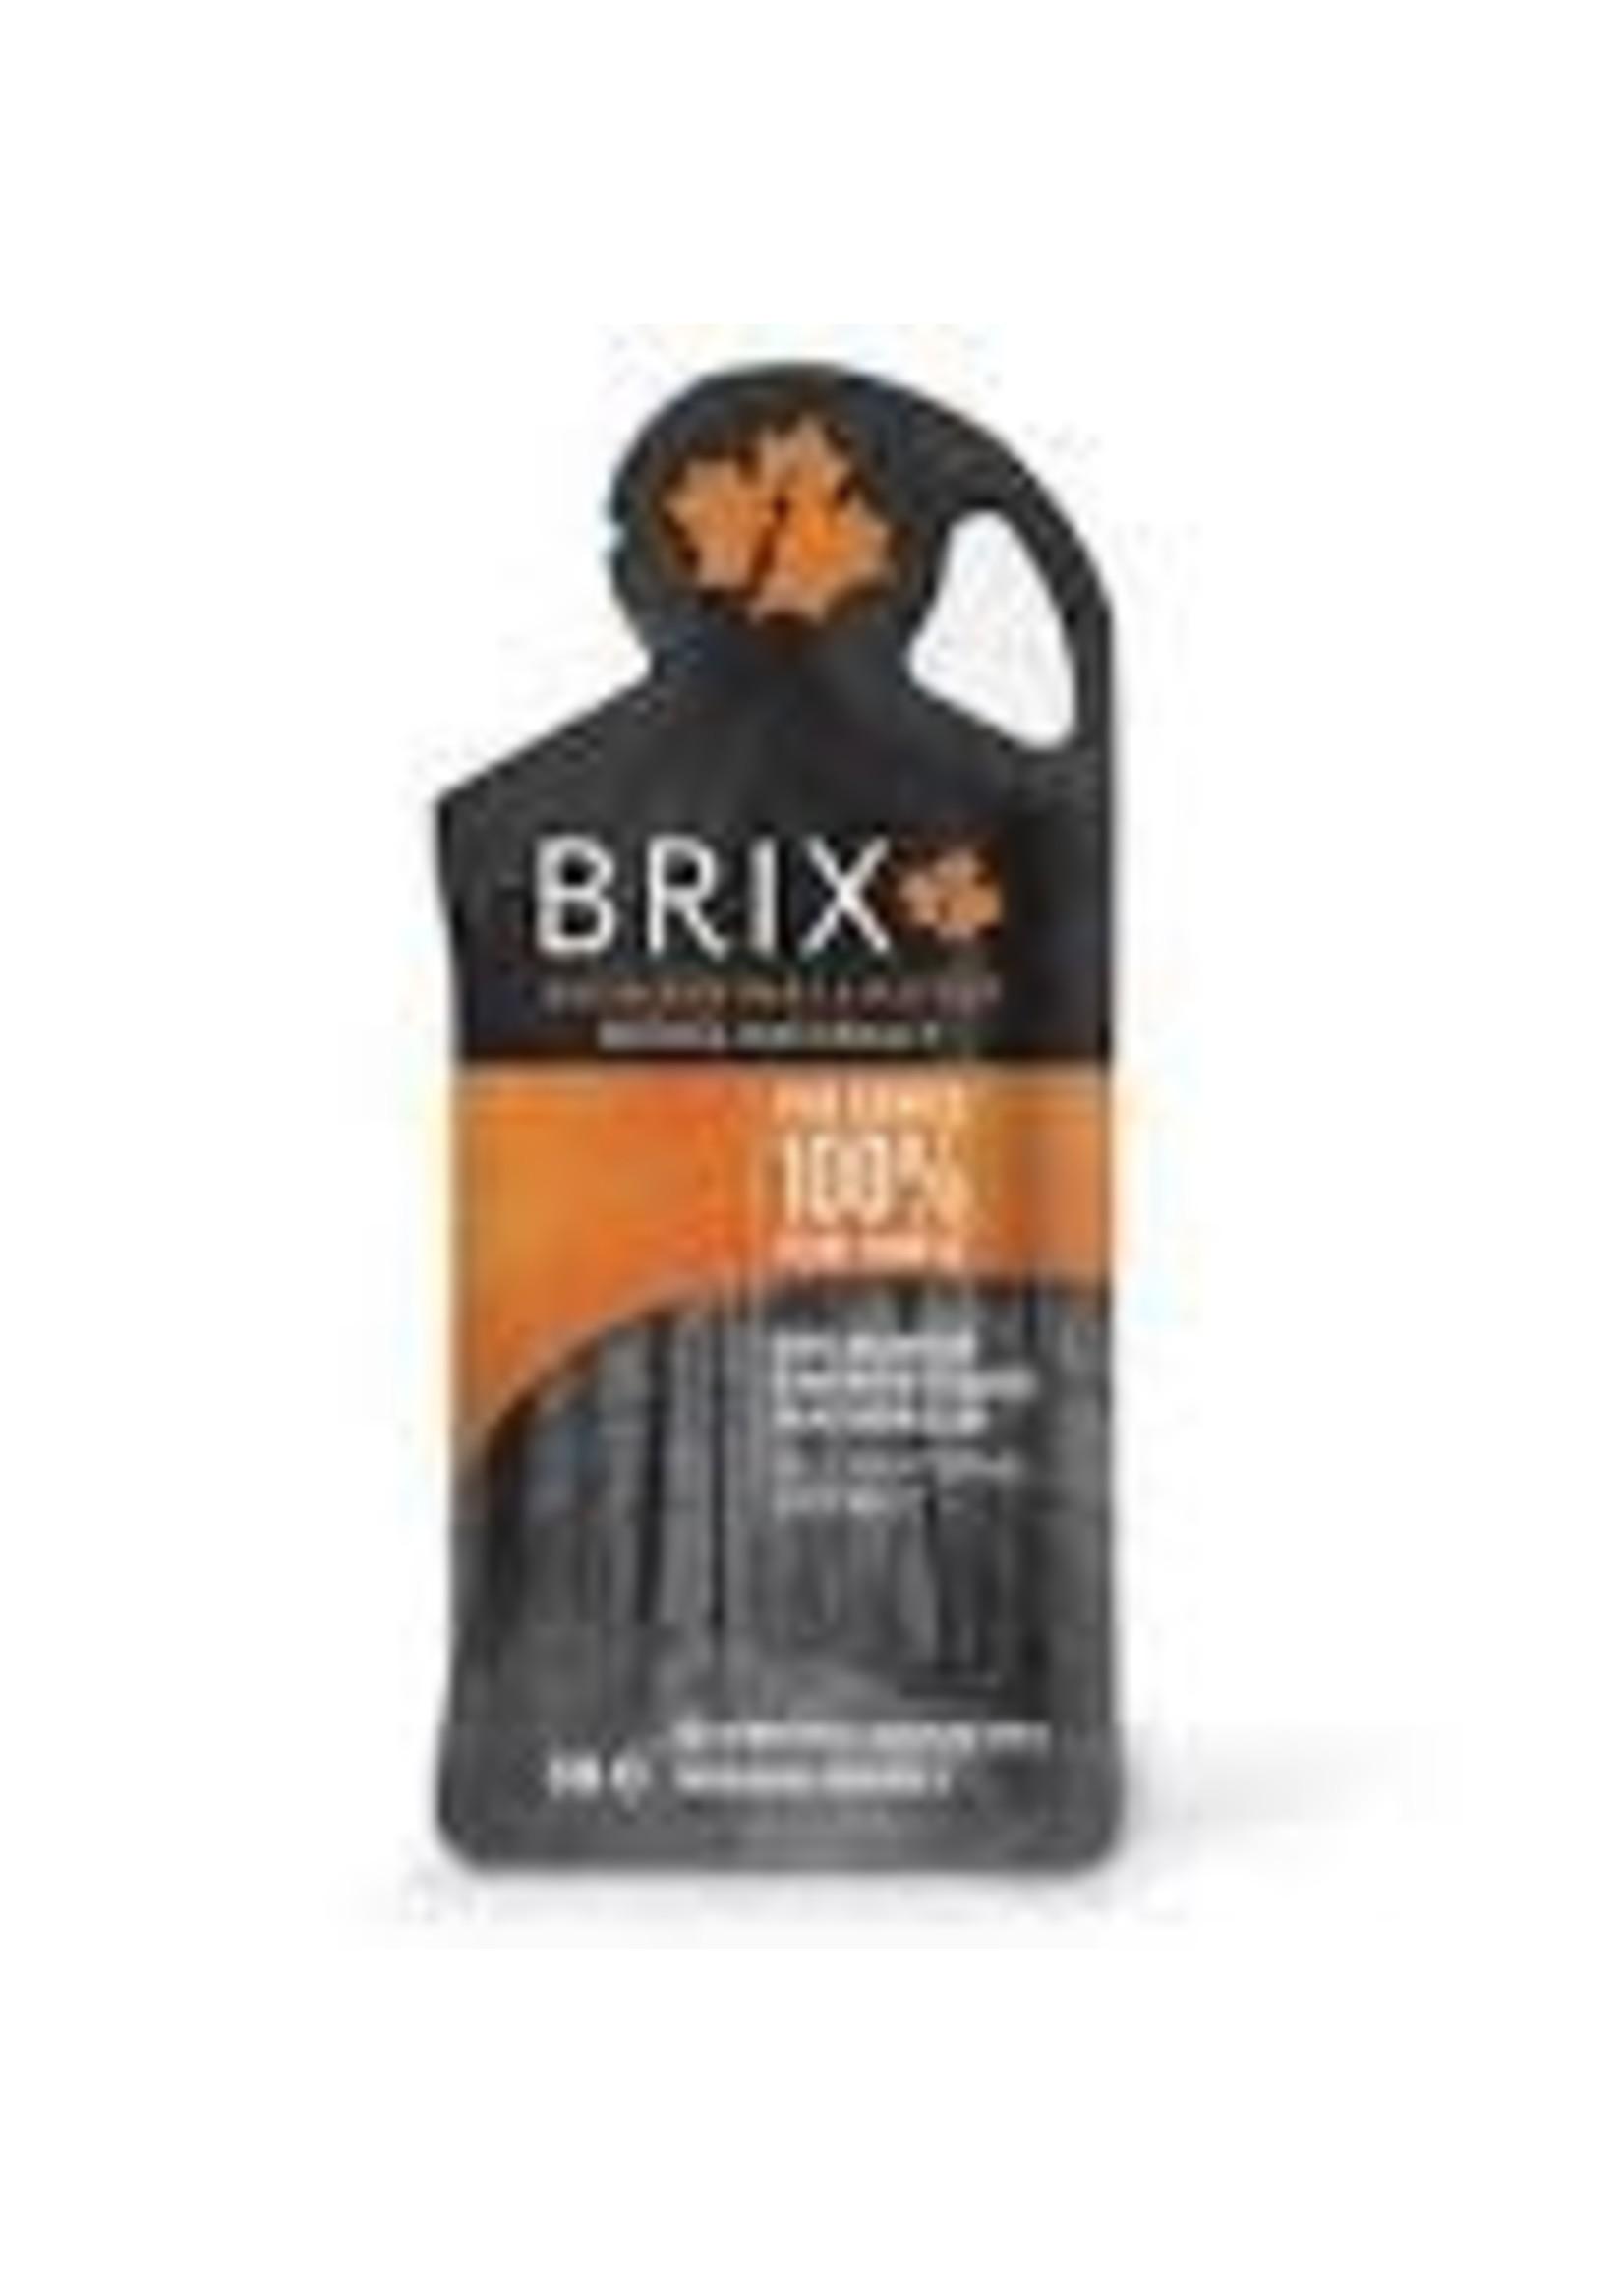 BRIX Brix Syrop D'érable 38g single